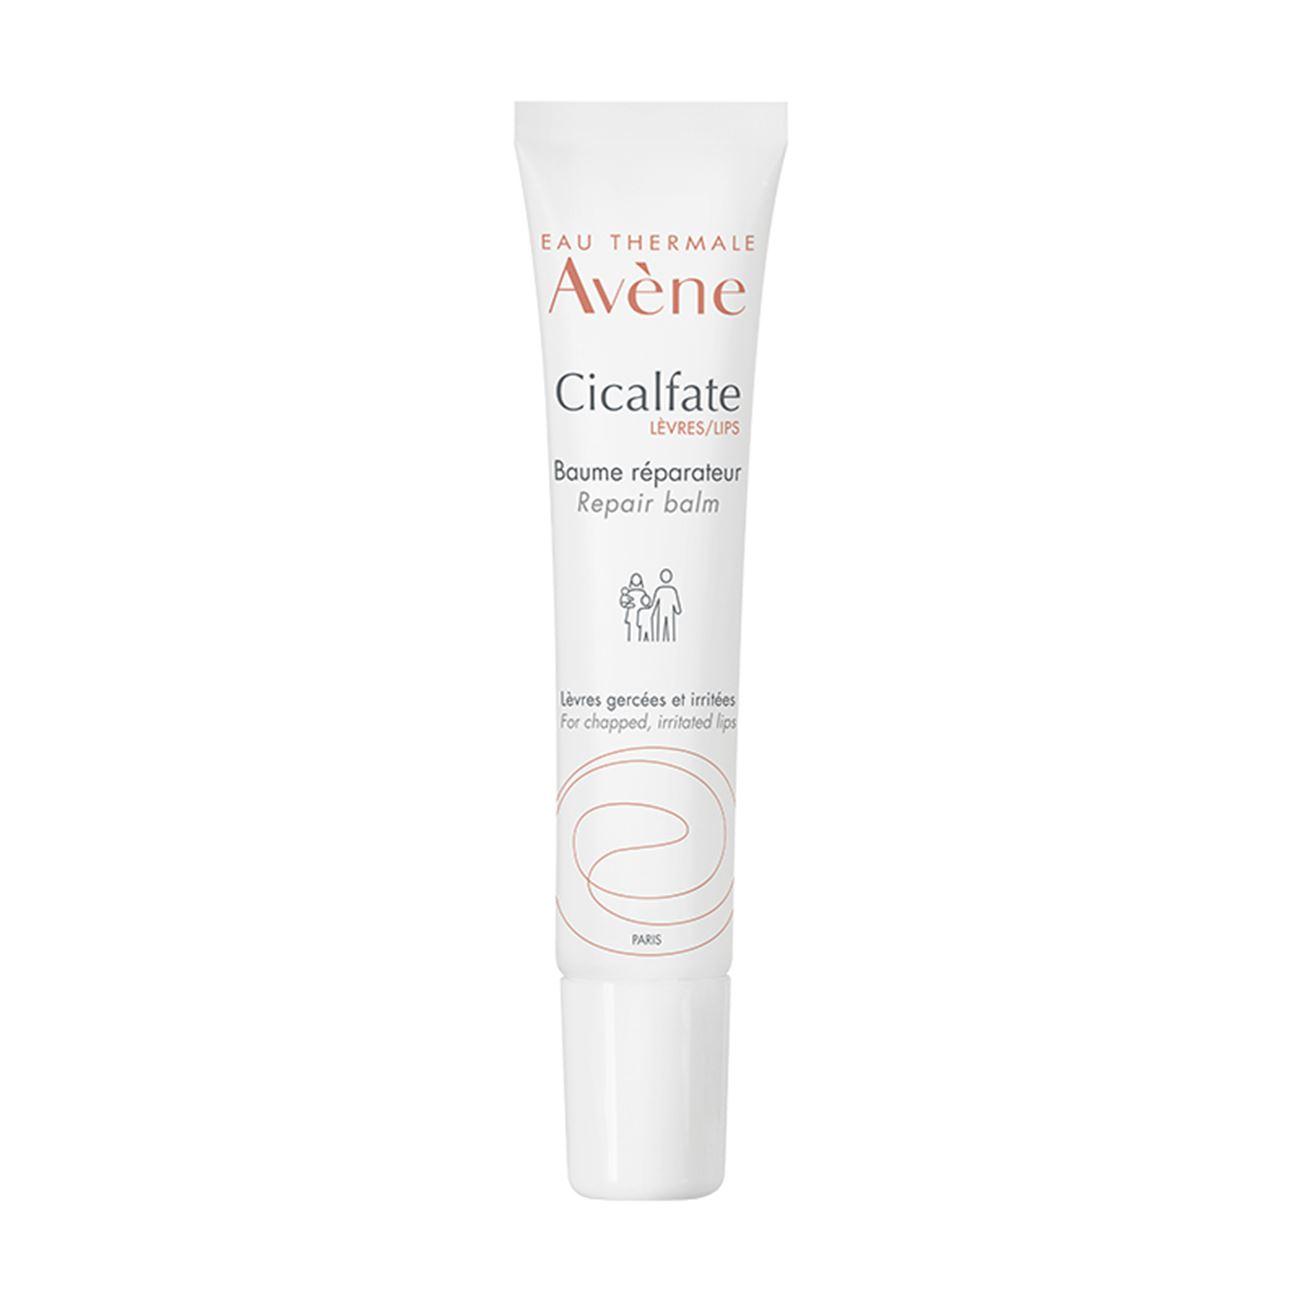 სიკალფატის ტუჩის - აღმდგენი ბალზამი - ავენი / Cicalfate Lips - Repair balm